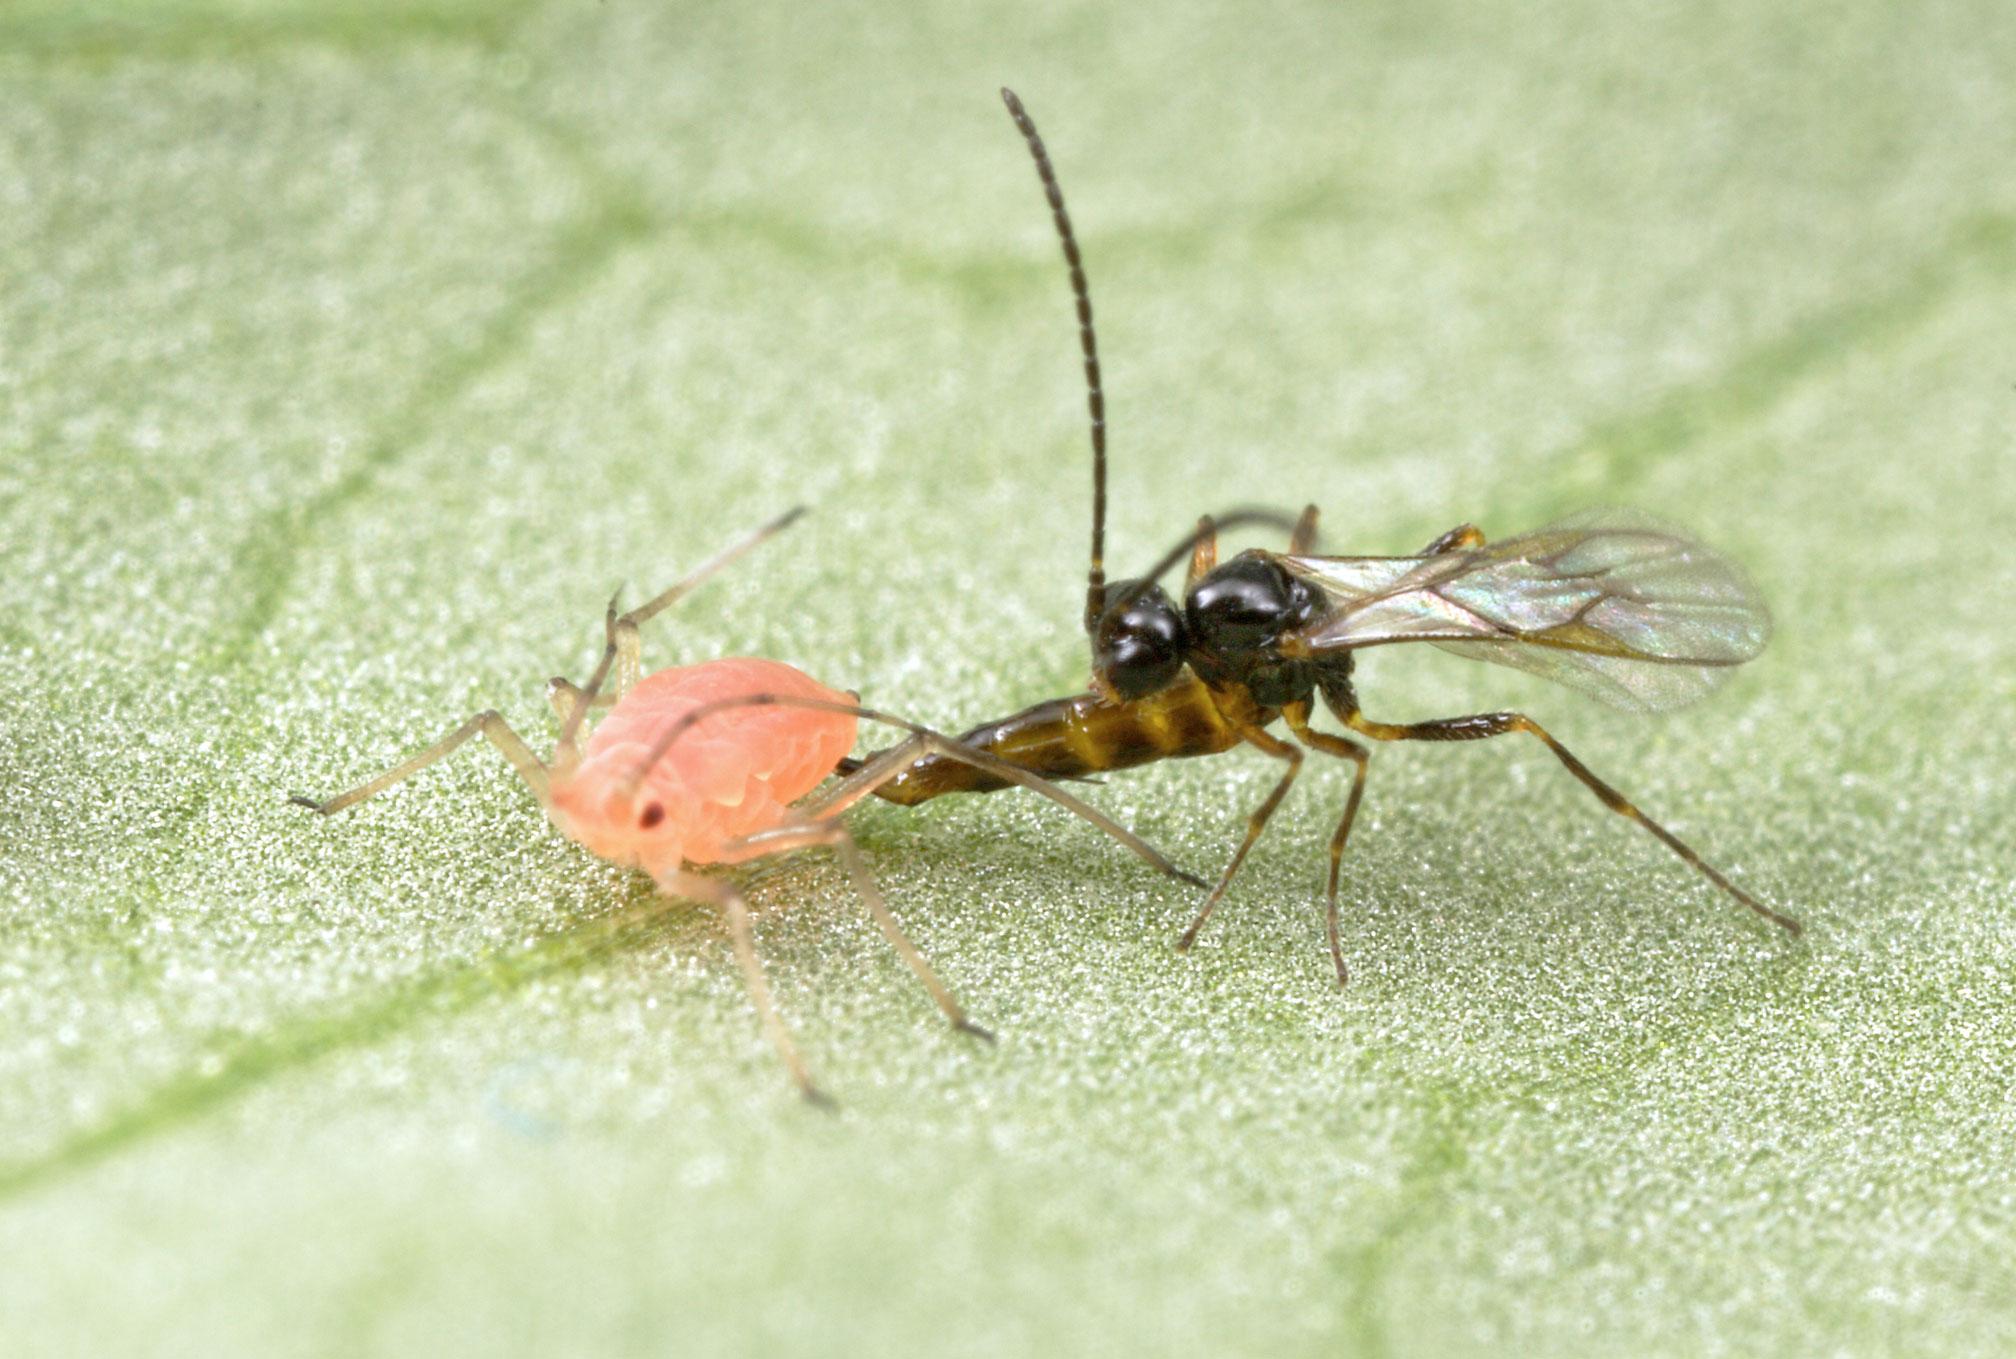 Người Israel đã lai tạo được các giống côn trùng có ích nhằm giải quyết sâu bệnh theo nguyên lý sinh thái học tự nhiên, đồng thời họ cũng lai tạo các giống côn trùng chuyên biệt phục vụ mục đích nông nghiệp.